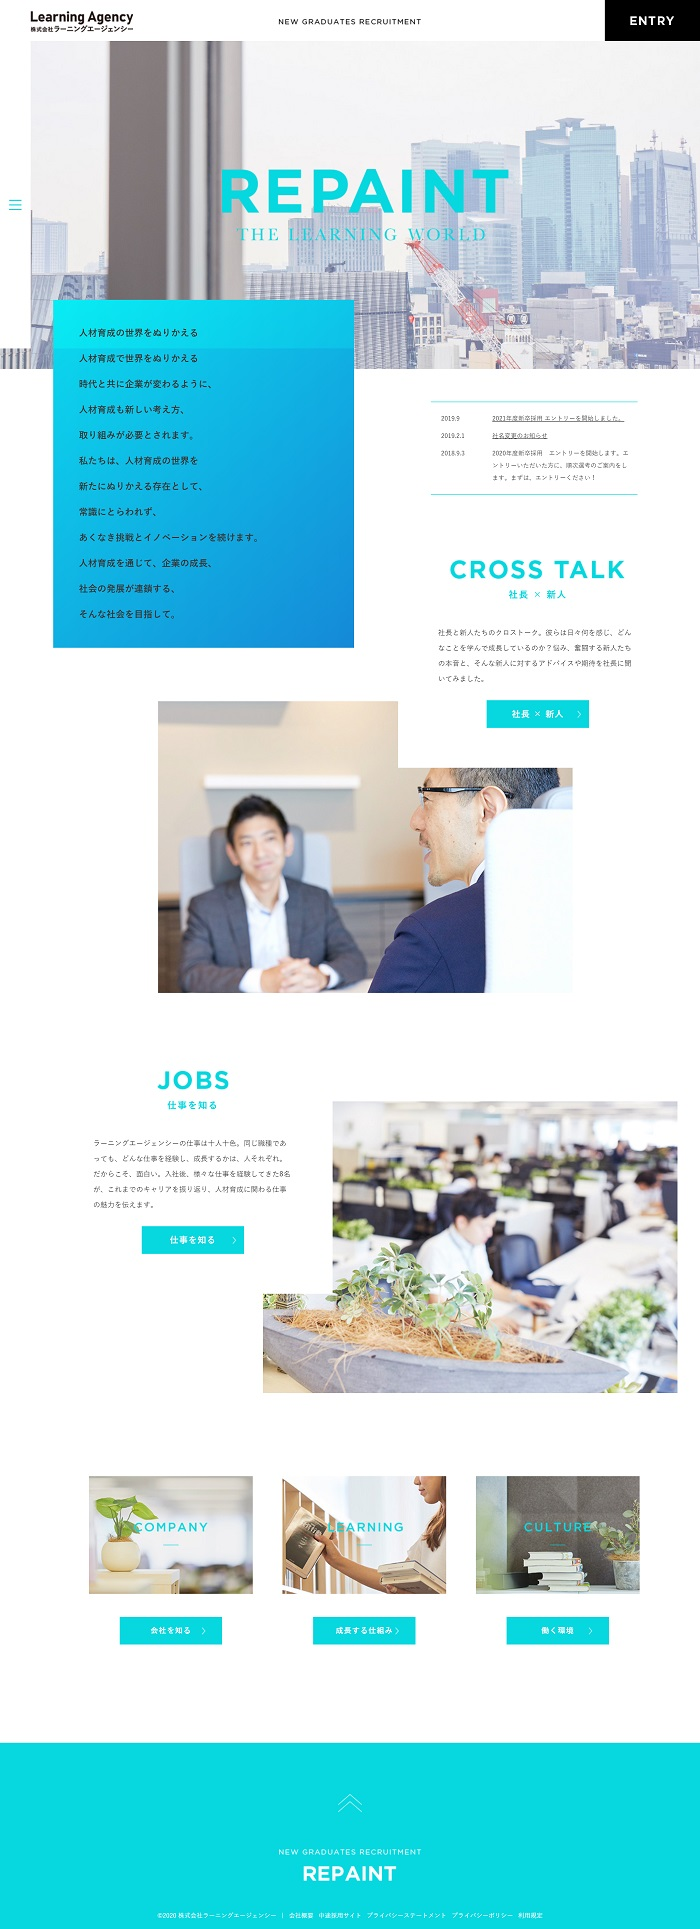 2021新卒採用|社員教育と企業コンサルティングの株式会社ラーニングエージェンシー